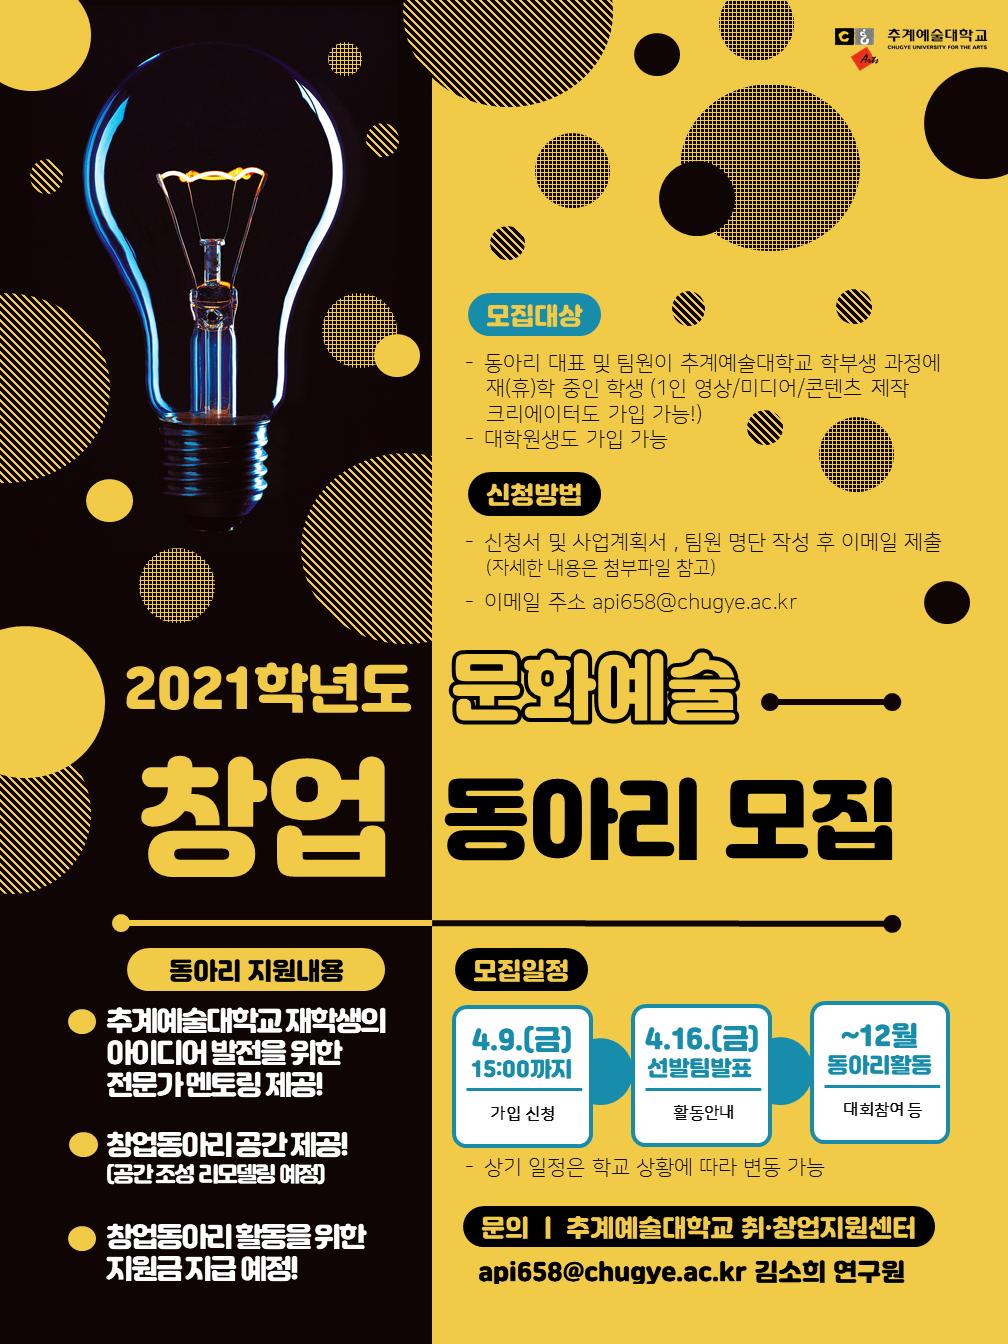 [취창업지원센터] 2021년 창업동아리 모집 공고